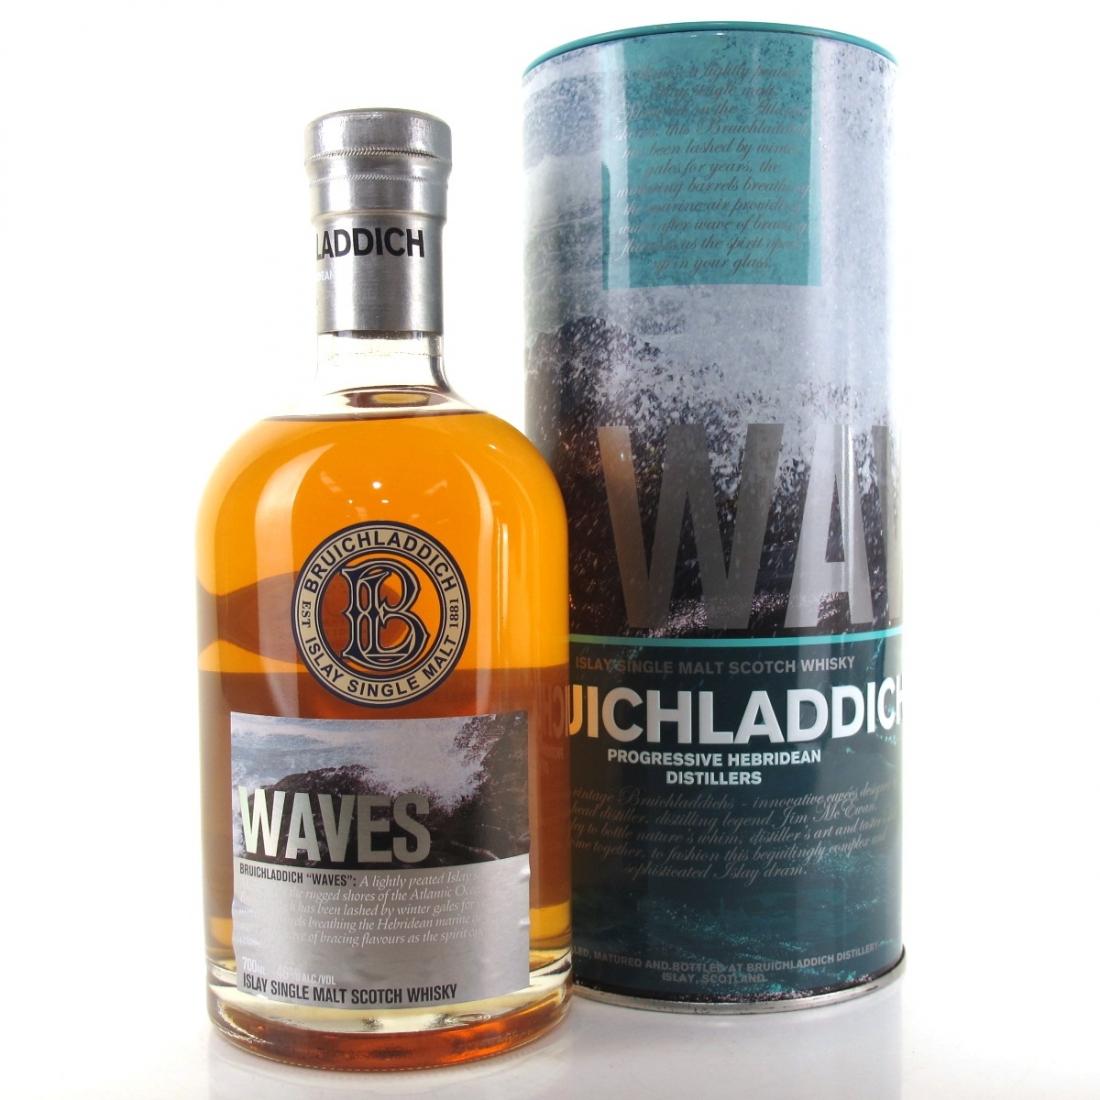 Bruichladdich Waves 2nd Edition